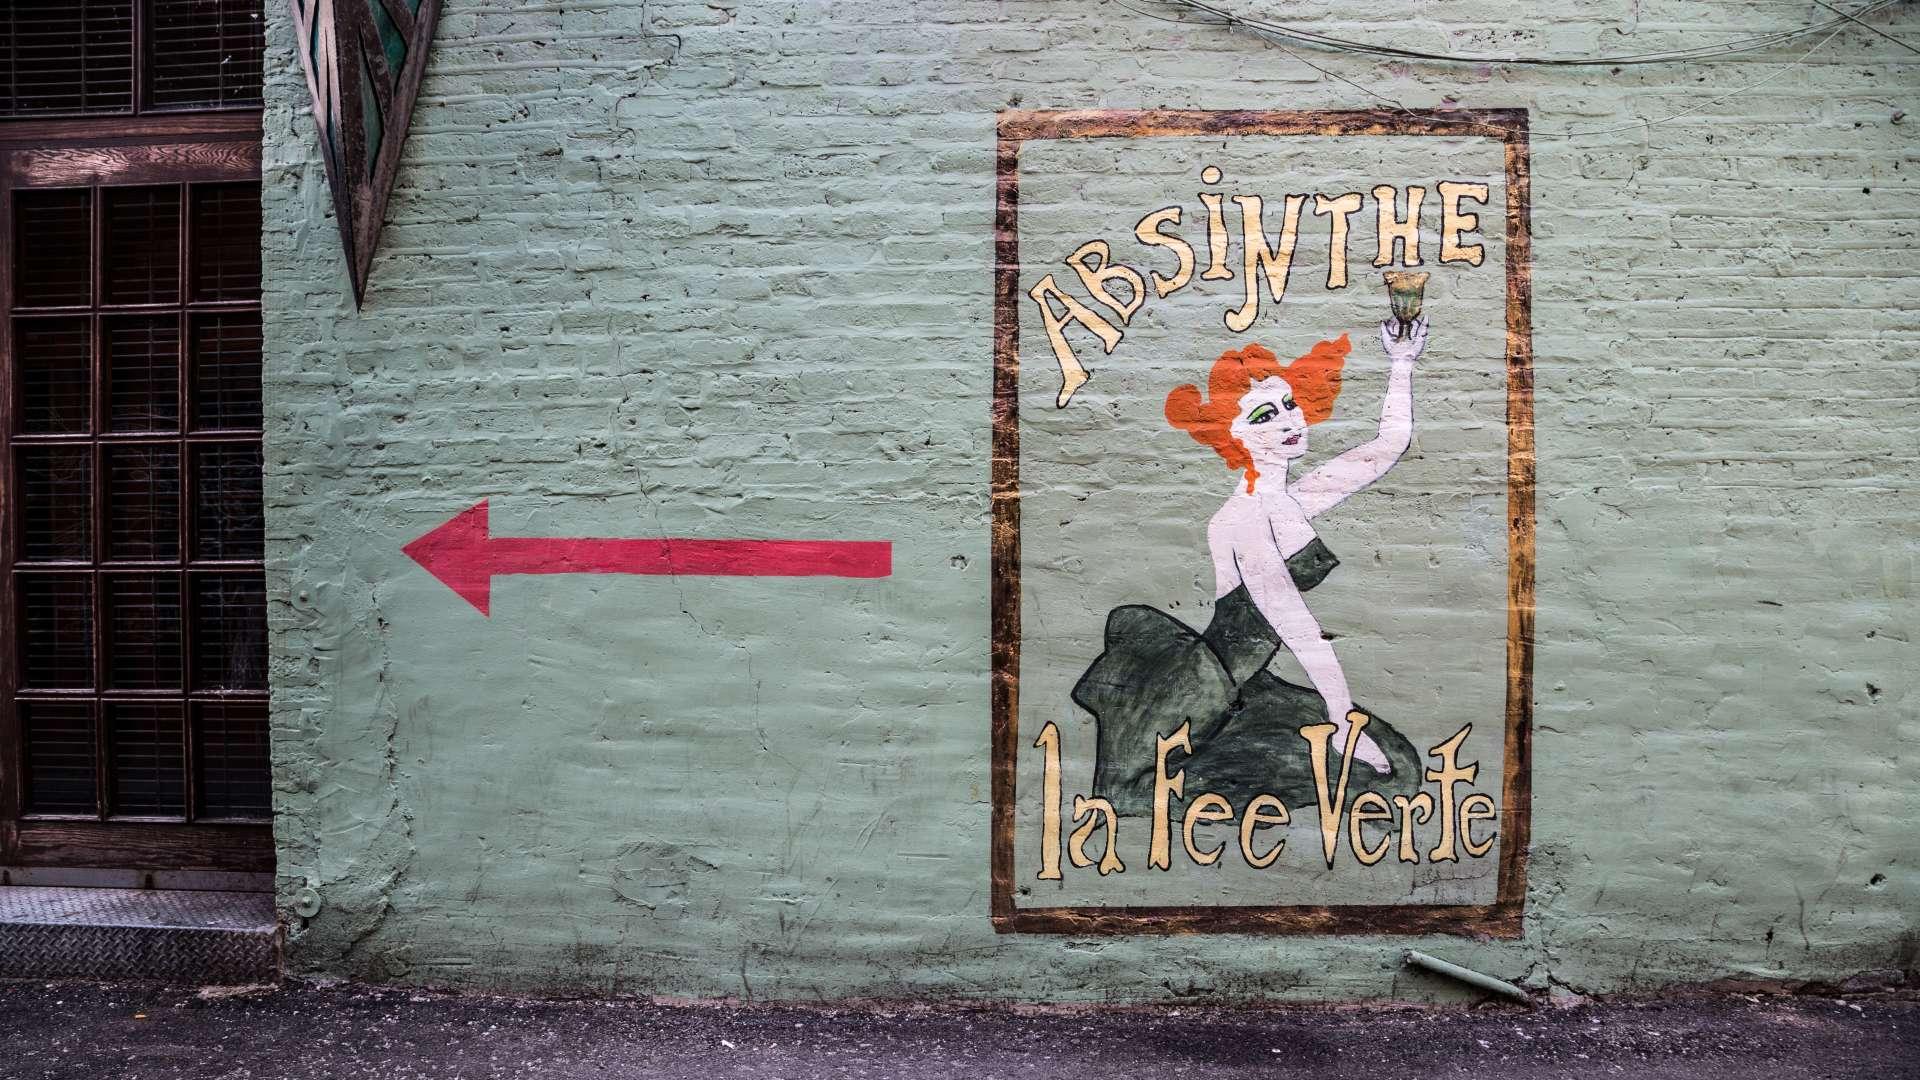 Ein Schild, das zu einer Absinth-Bar führt.